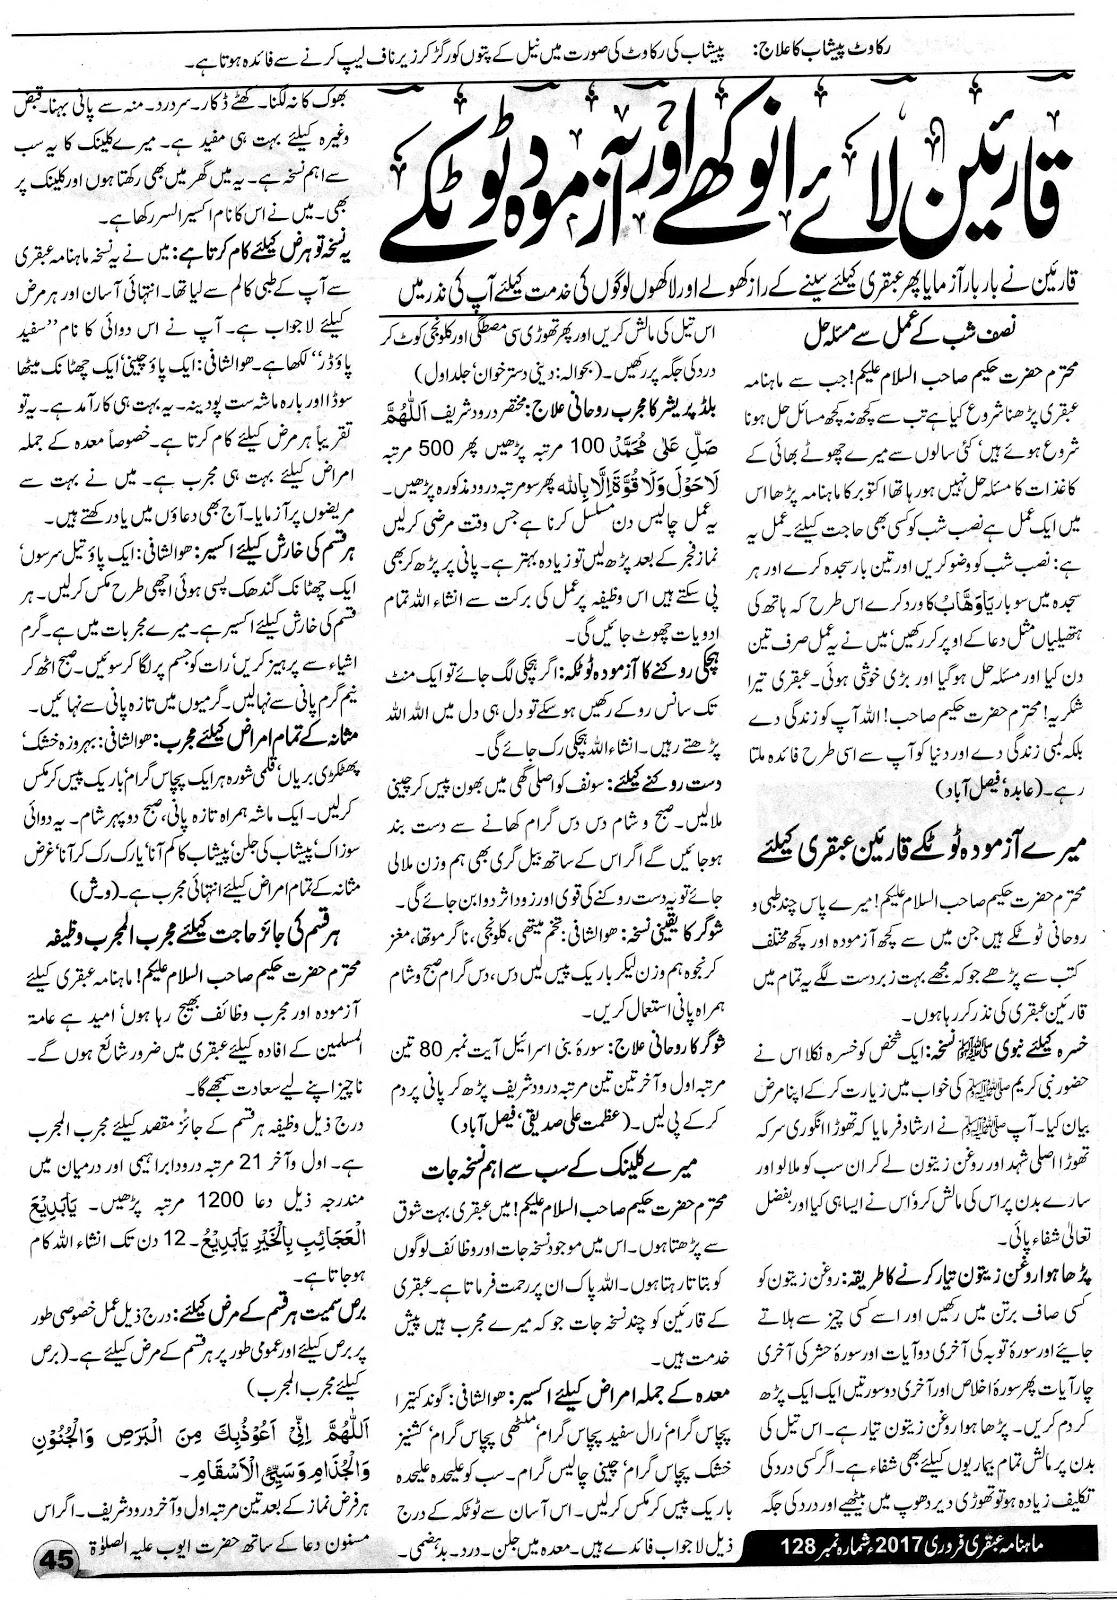 Ubqari Magazine February 2017